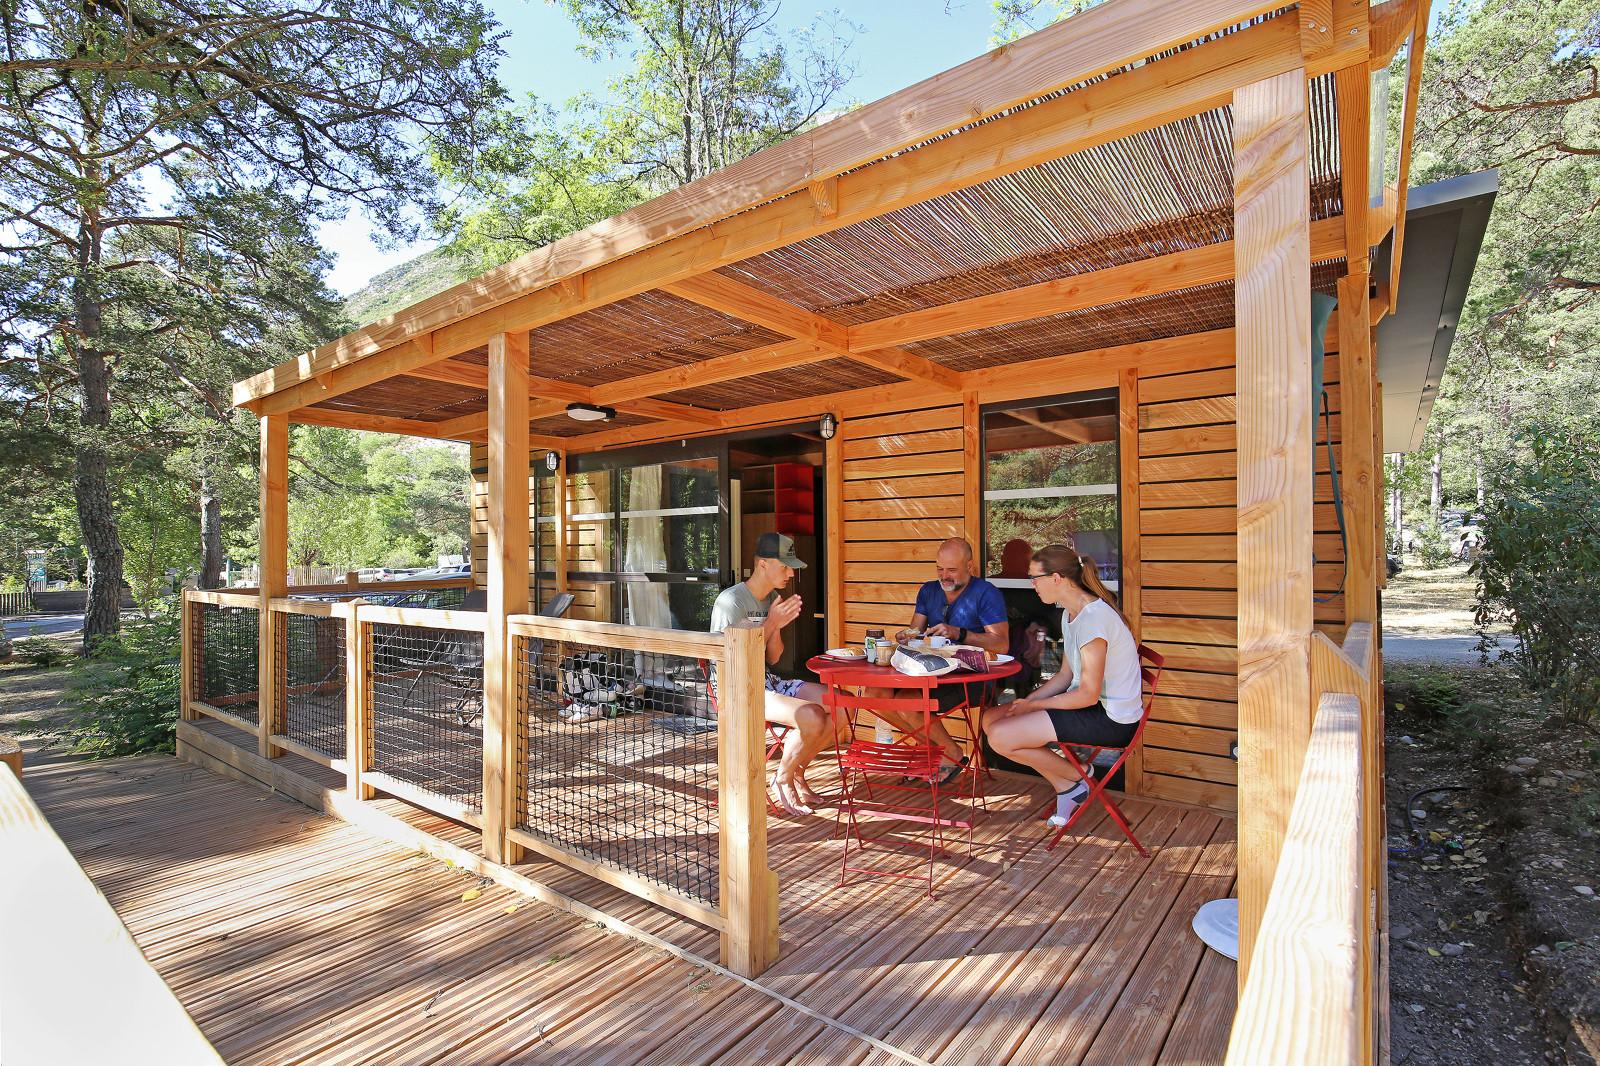 Camping Huttopia Verdon Gorge, Castellane, Alpes-de-Haute-Provence